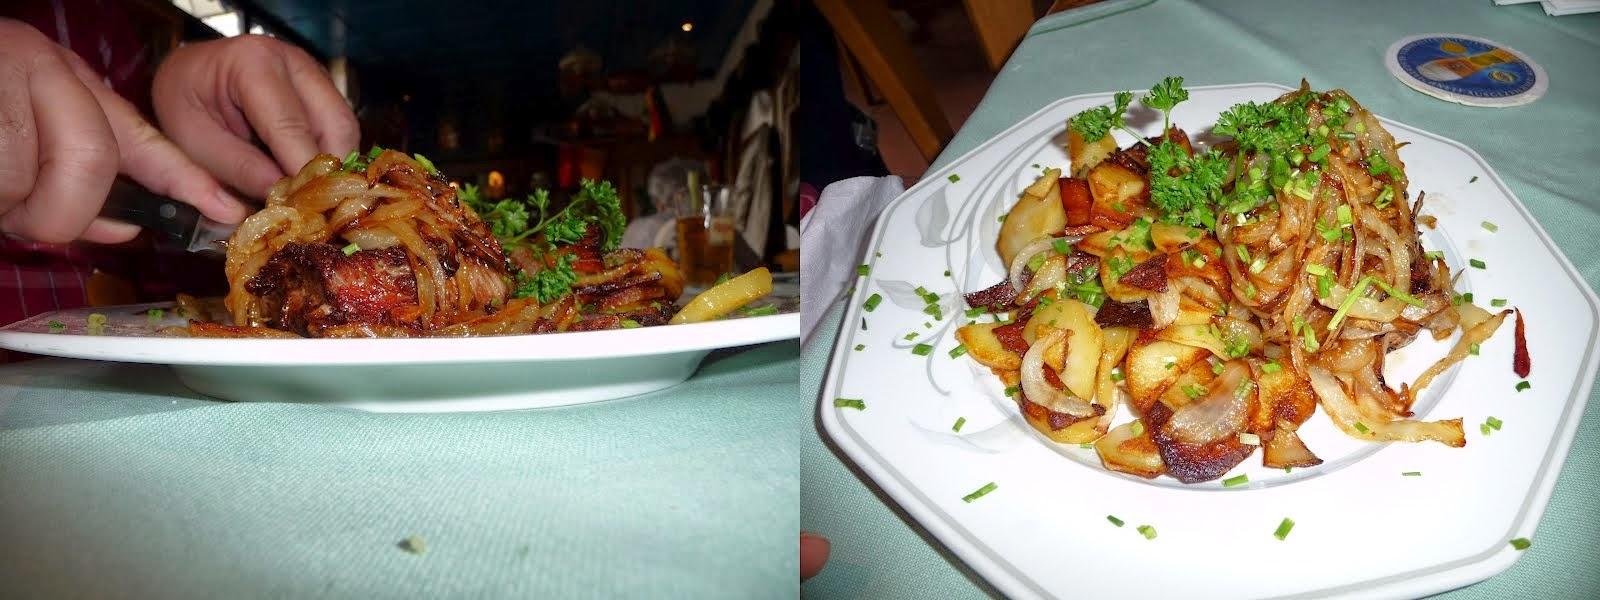 bilder bayrisches essen